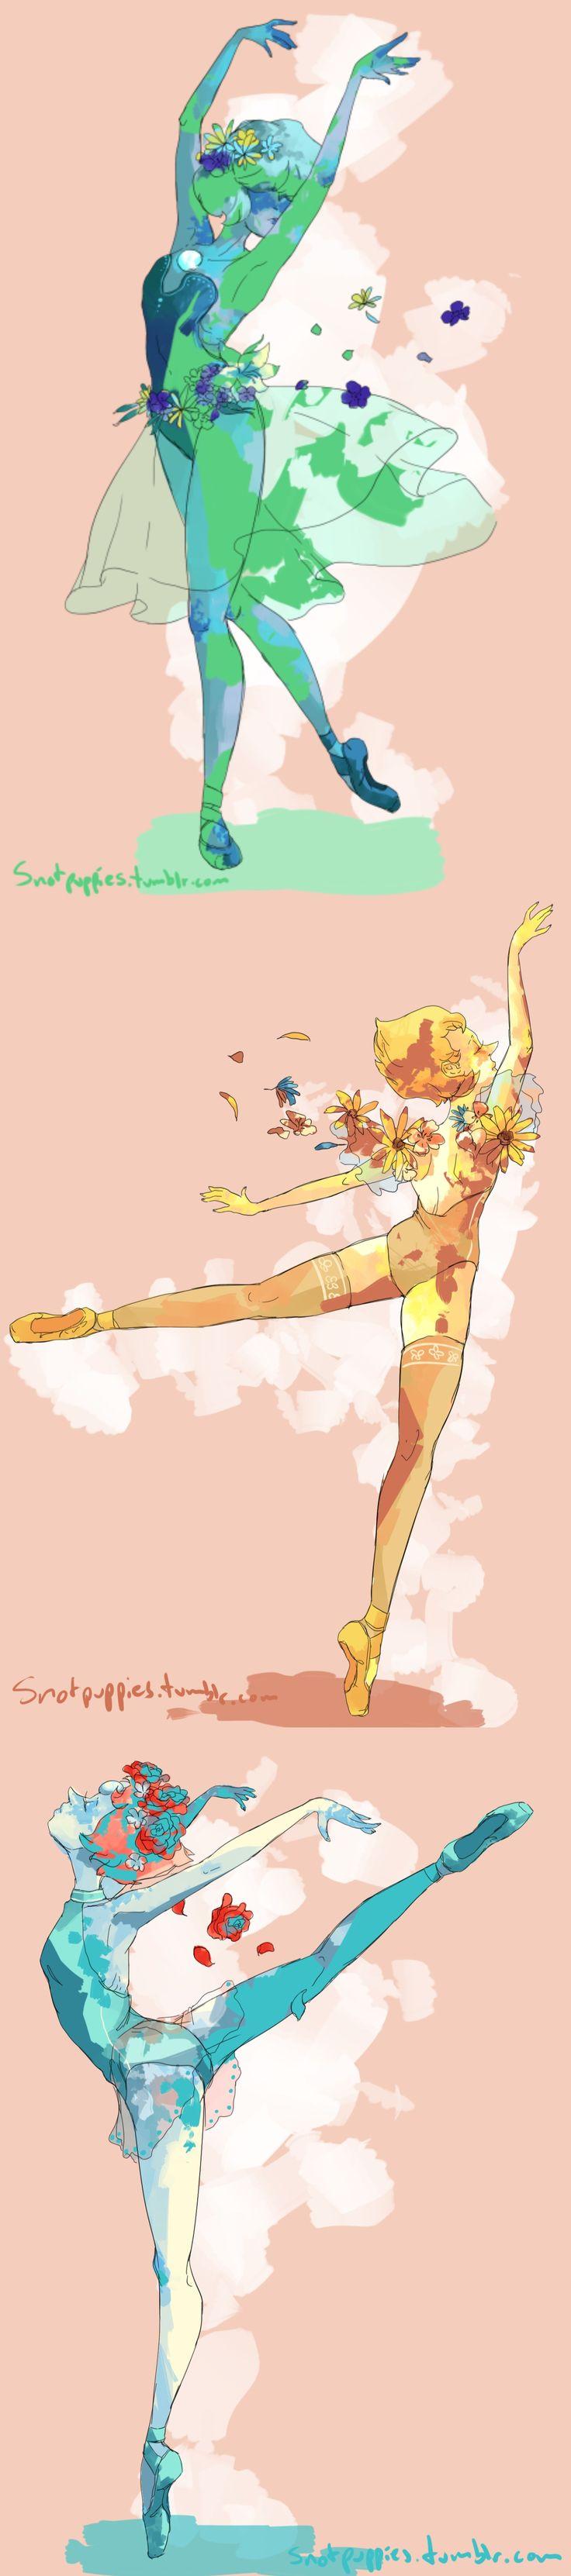 O balé é a única coisa que une os inimigos... Ok, isso é esquisito! /// me gusta muchooooo!